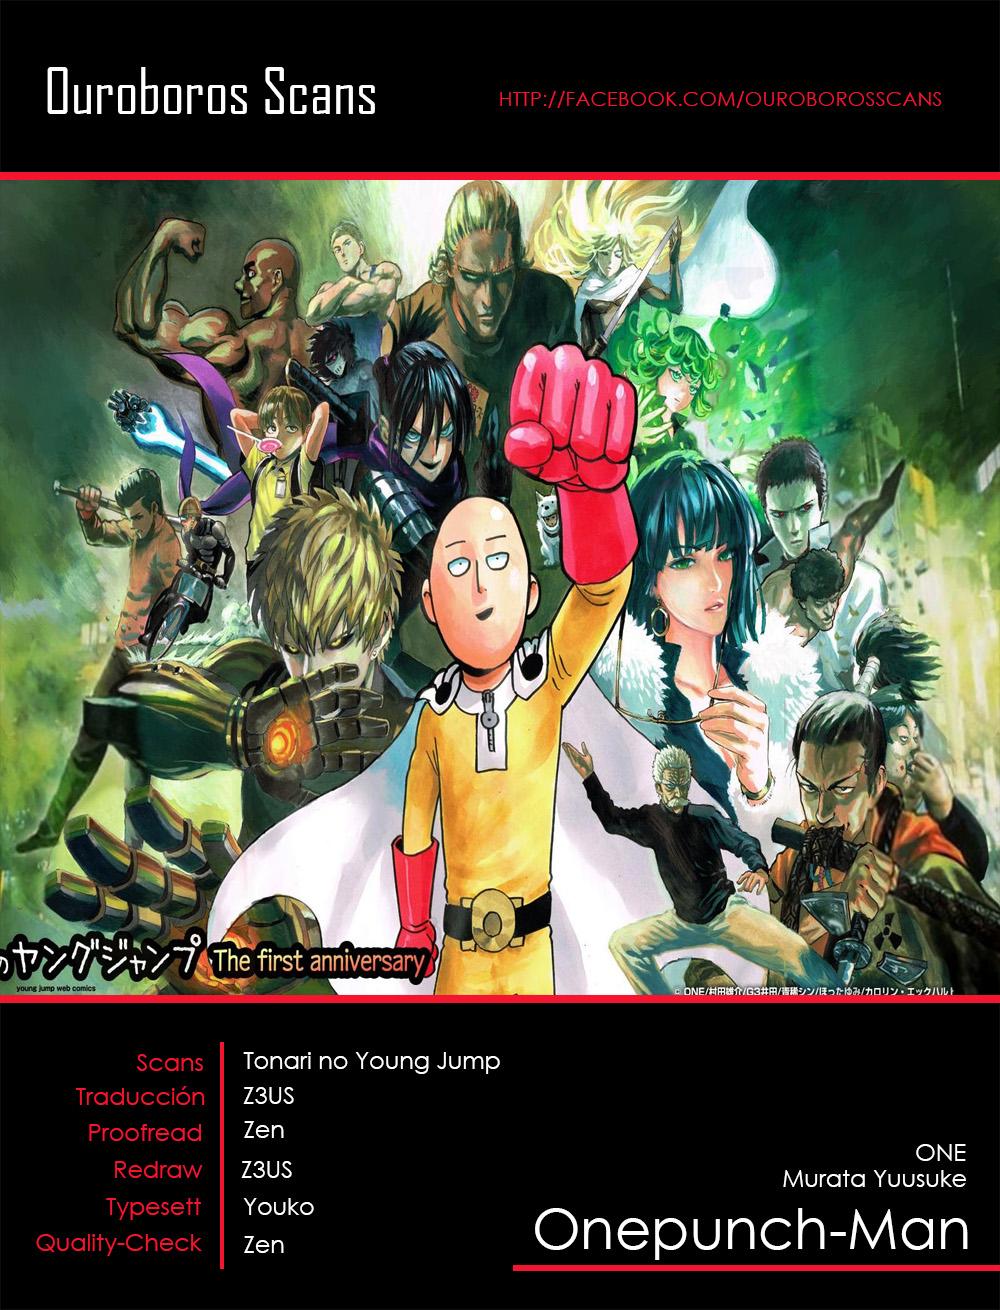 https://c5.ninemanga.com/es_manga/21/14805/389508/beb5dfa1d8e6812f2b520664bd77aff8.jpg Page 1